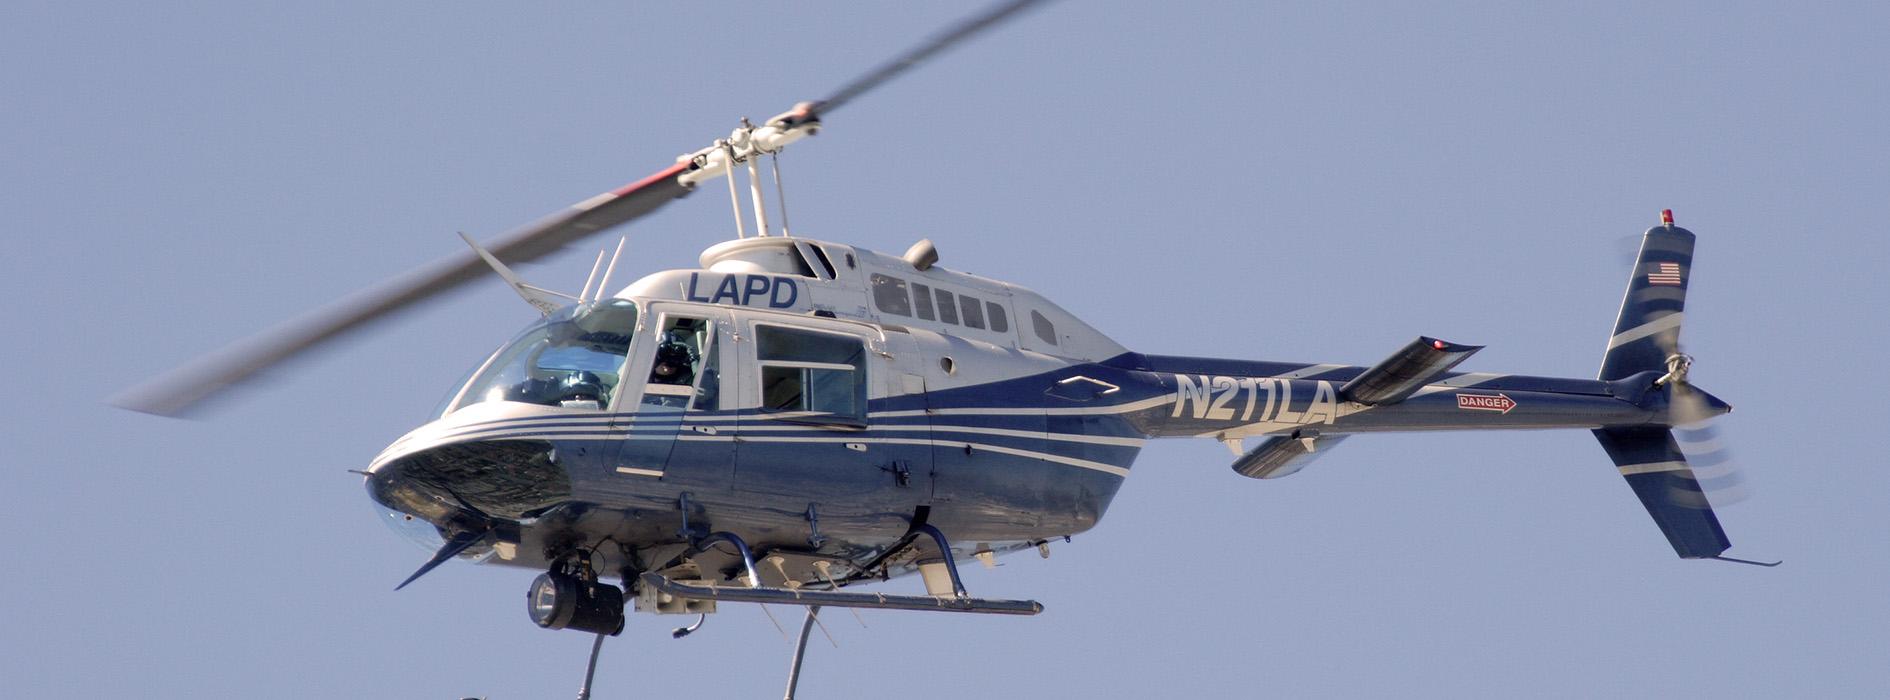 Chopper 5